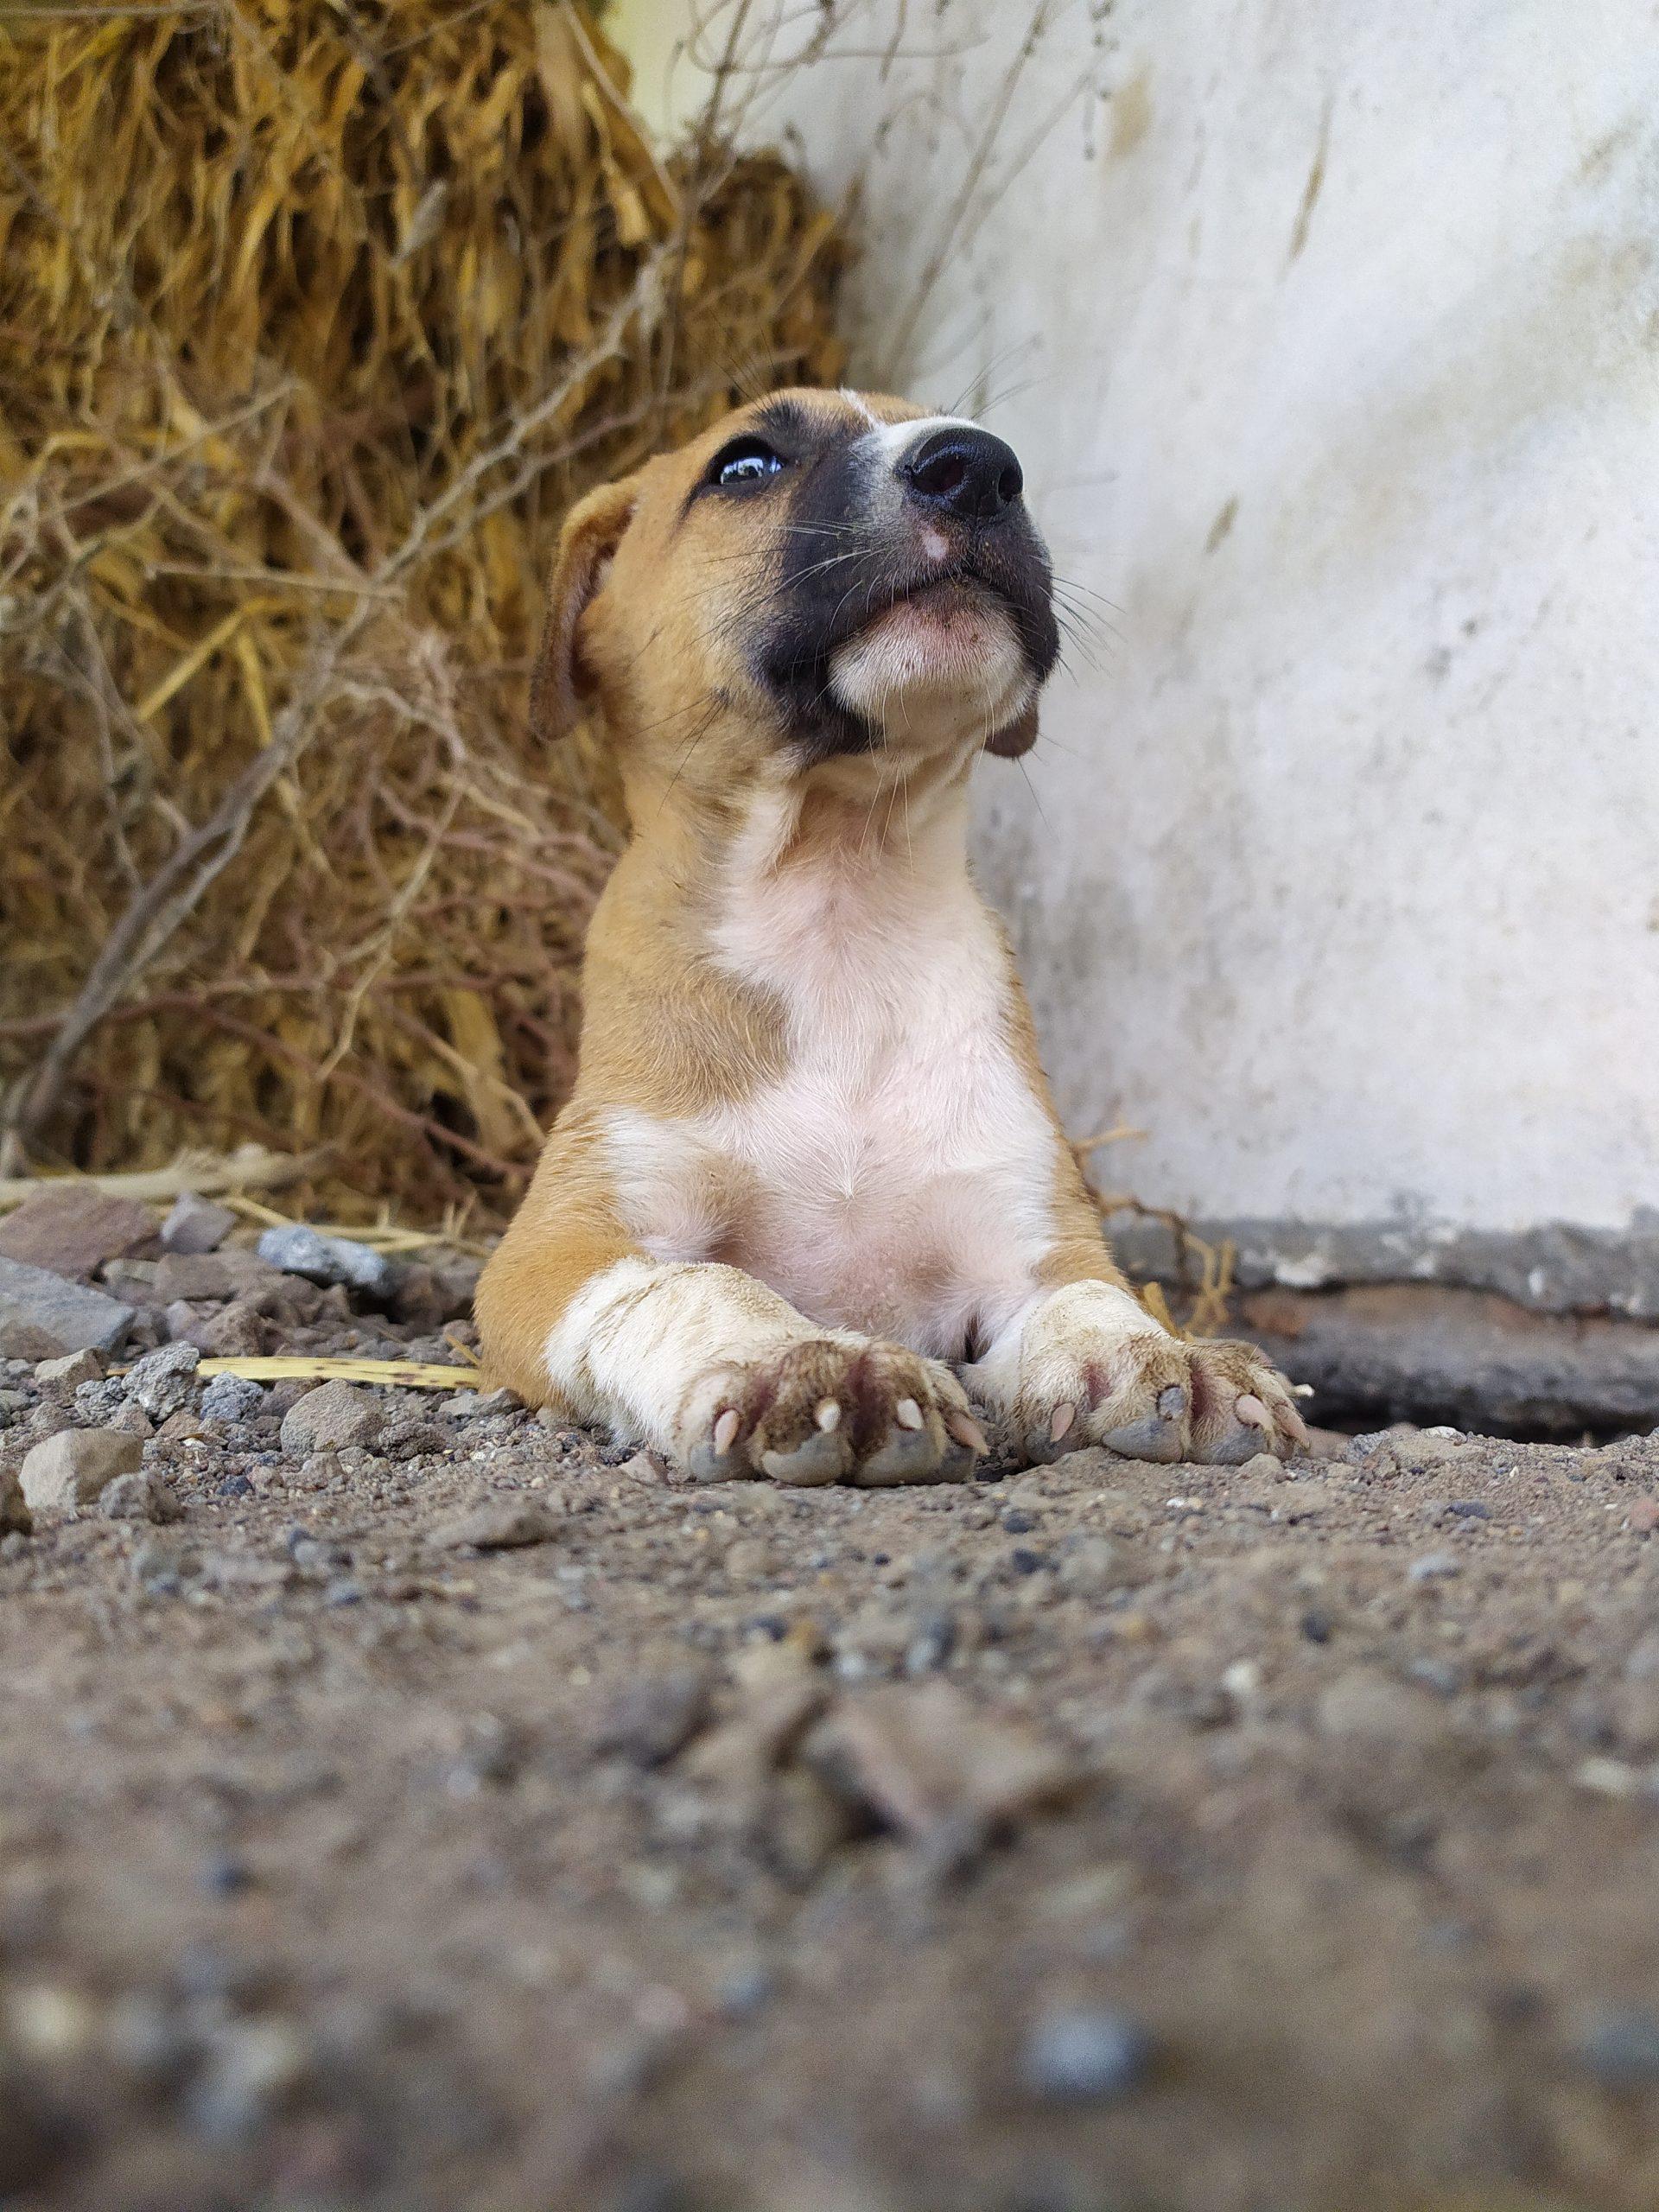 Puppy on ground